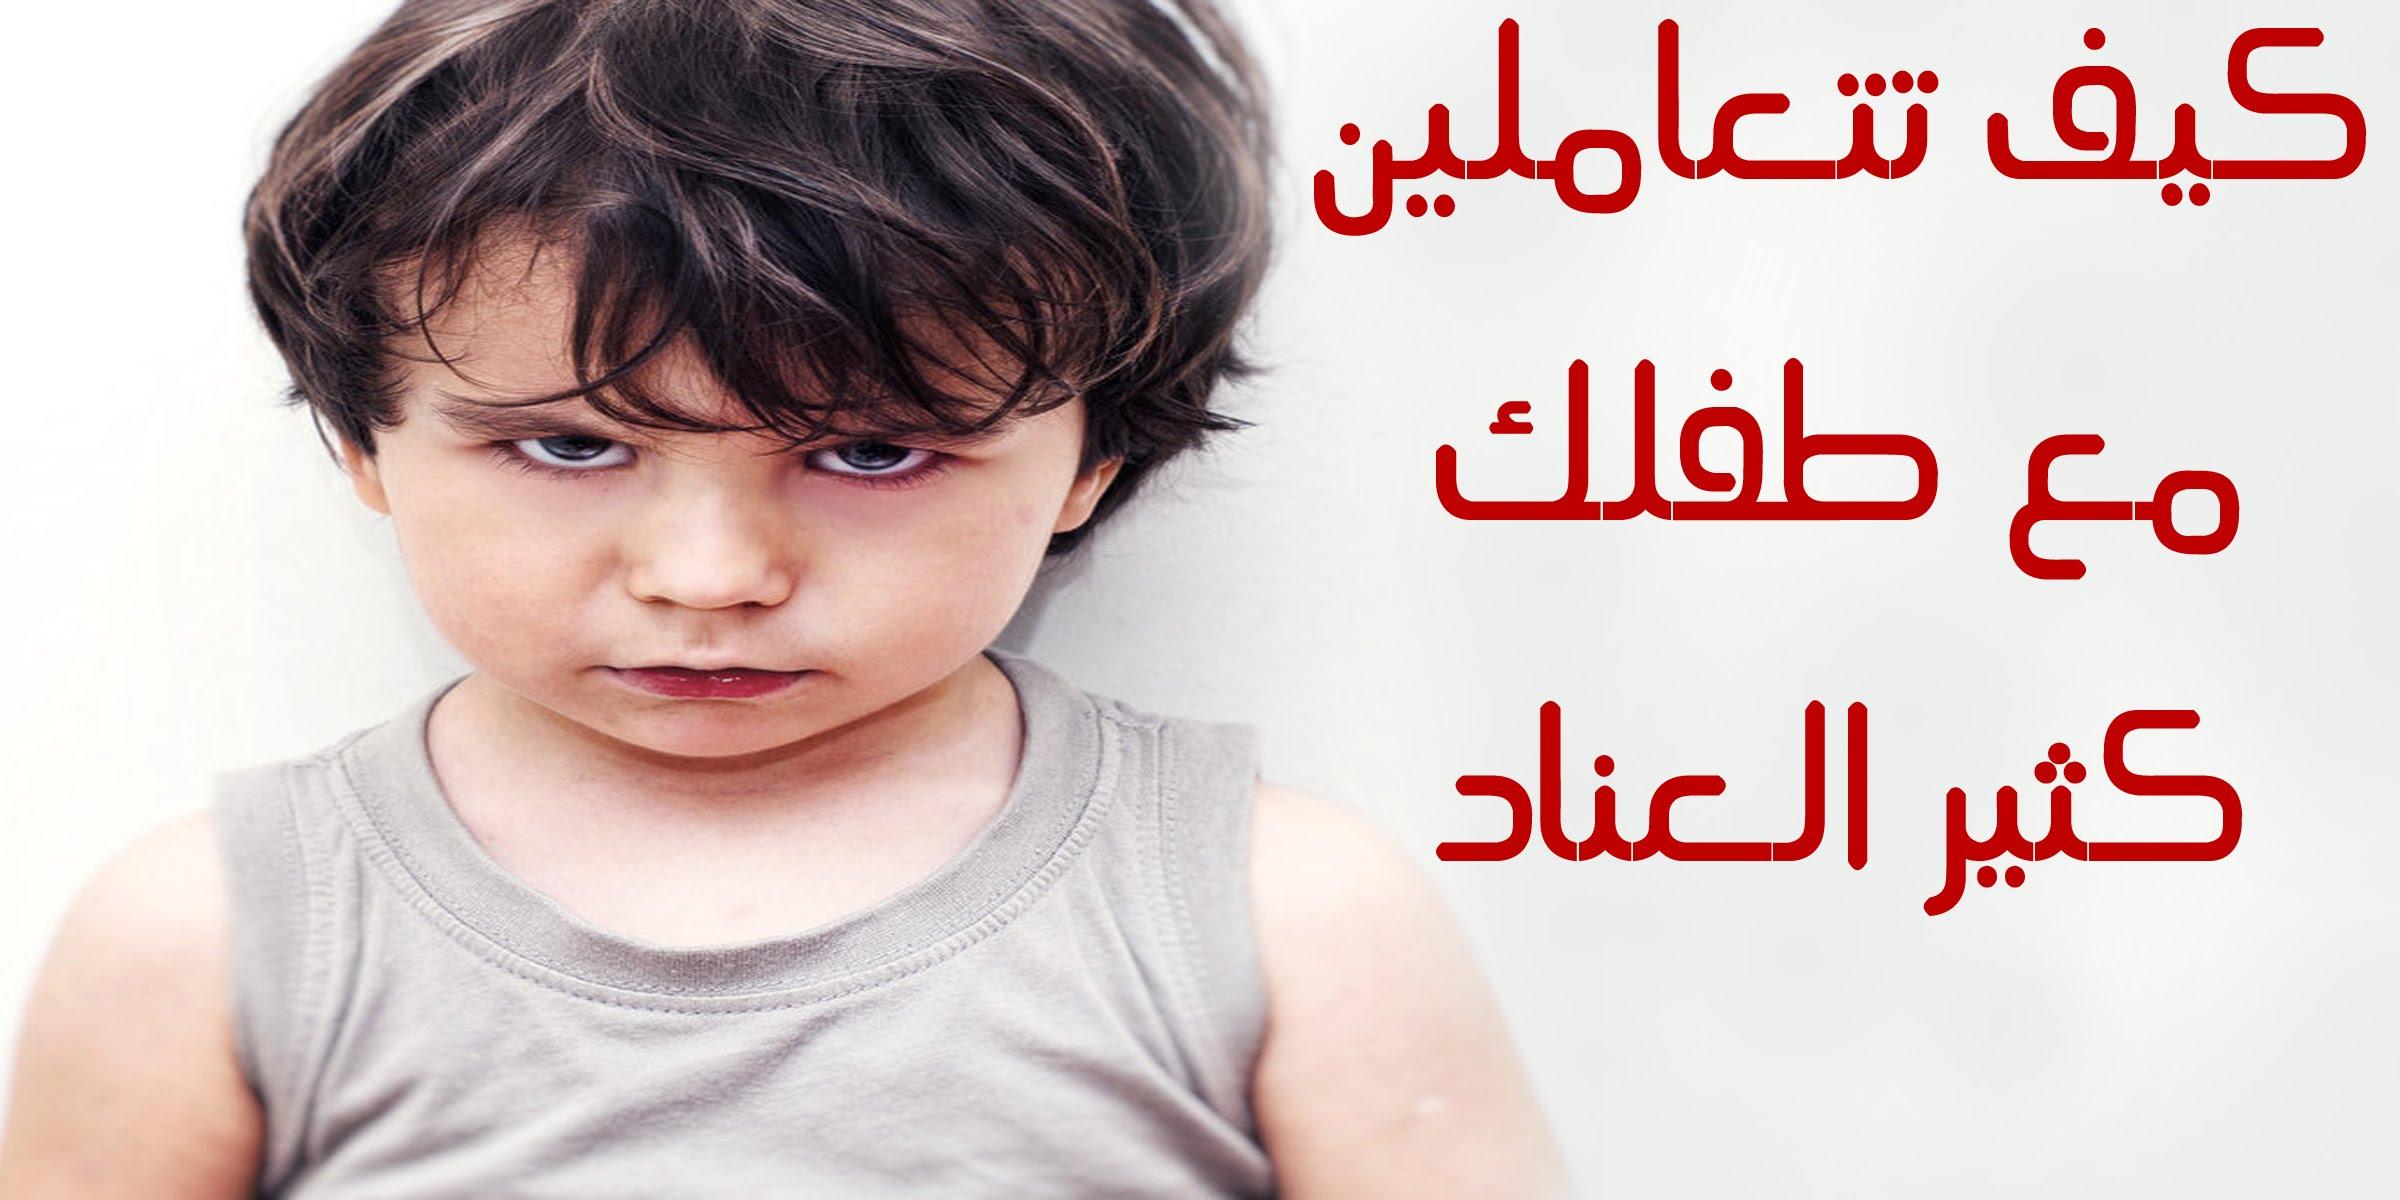 صور التعامل مع الطفل العنيد , الطريقة الصحيحة للتعامل مع الاطفال العنيدة